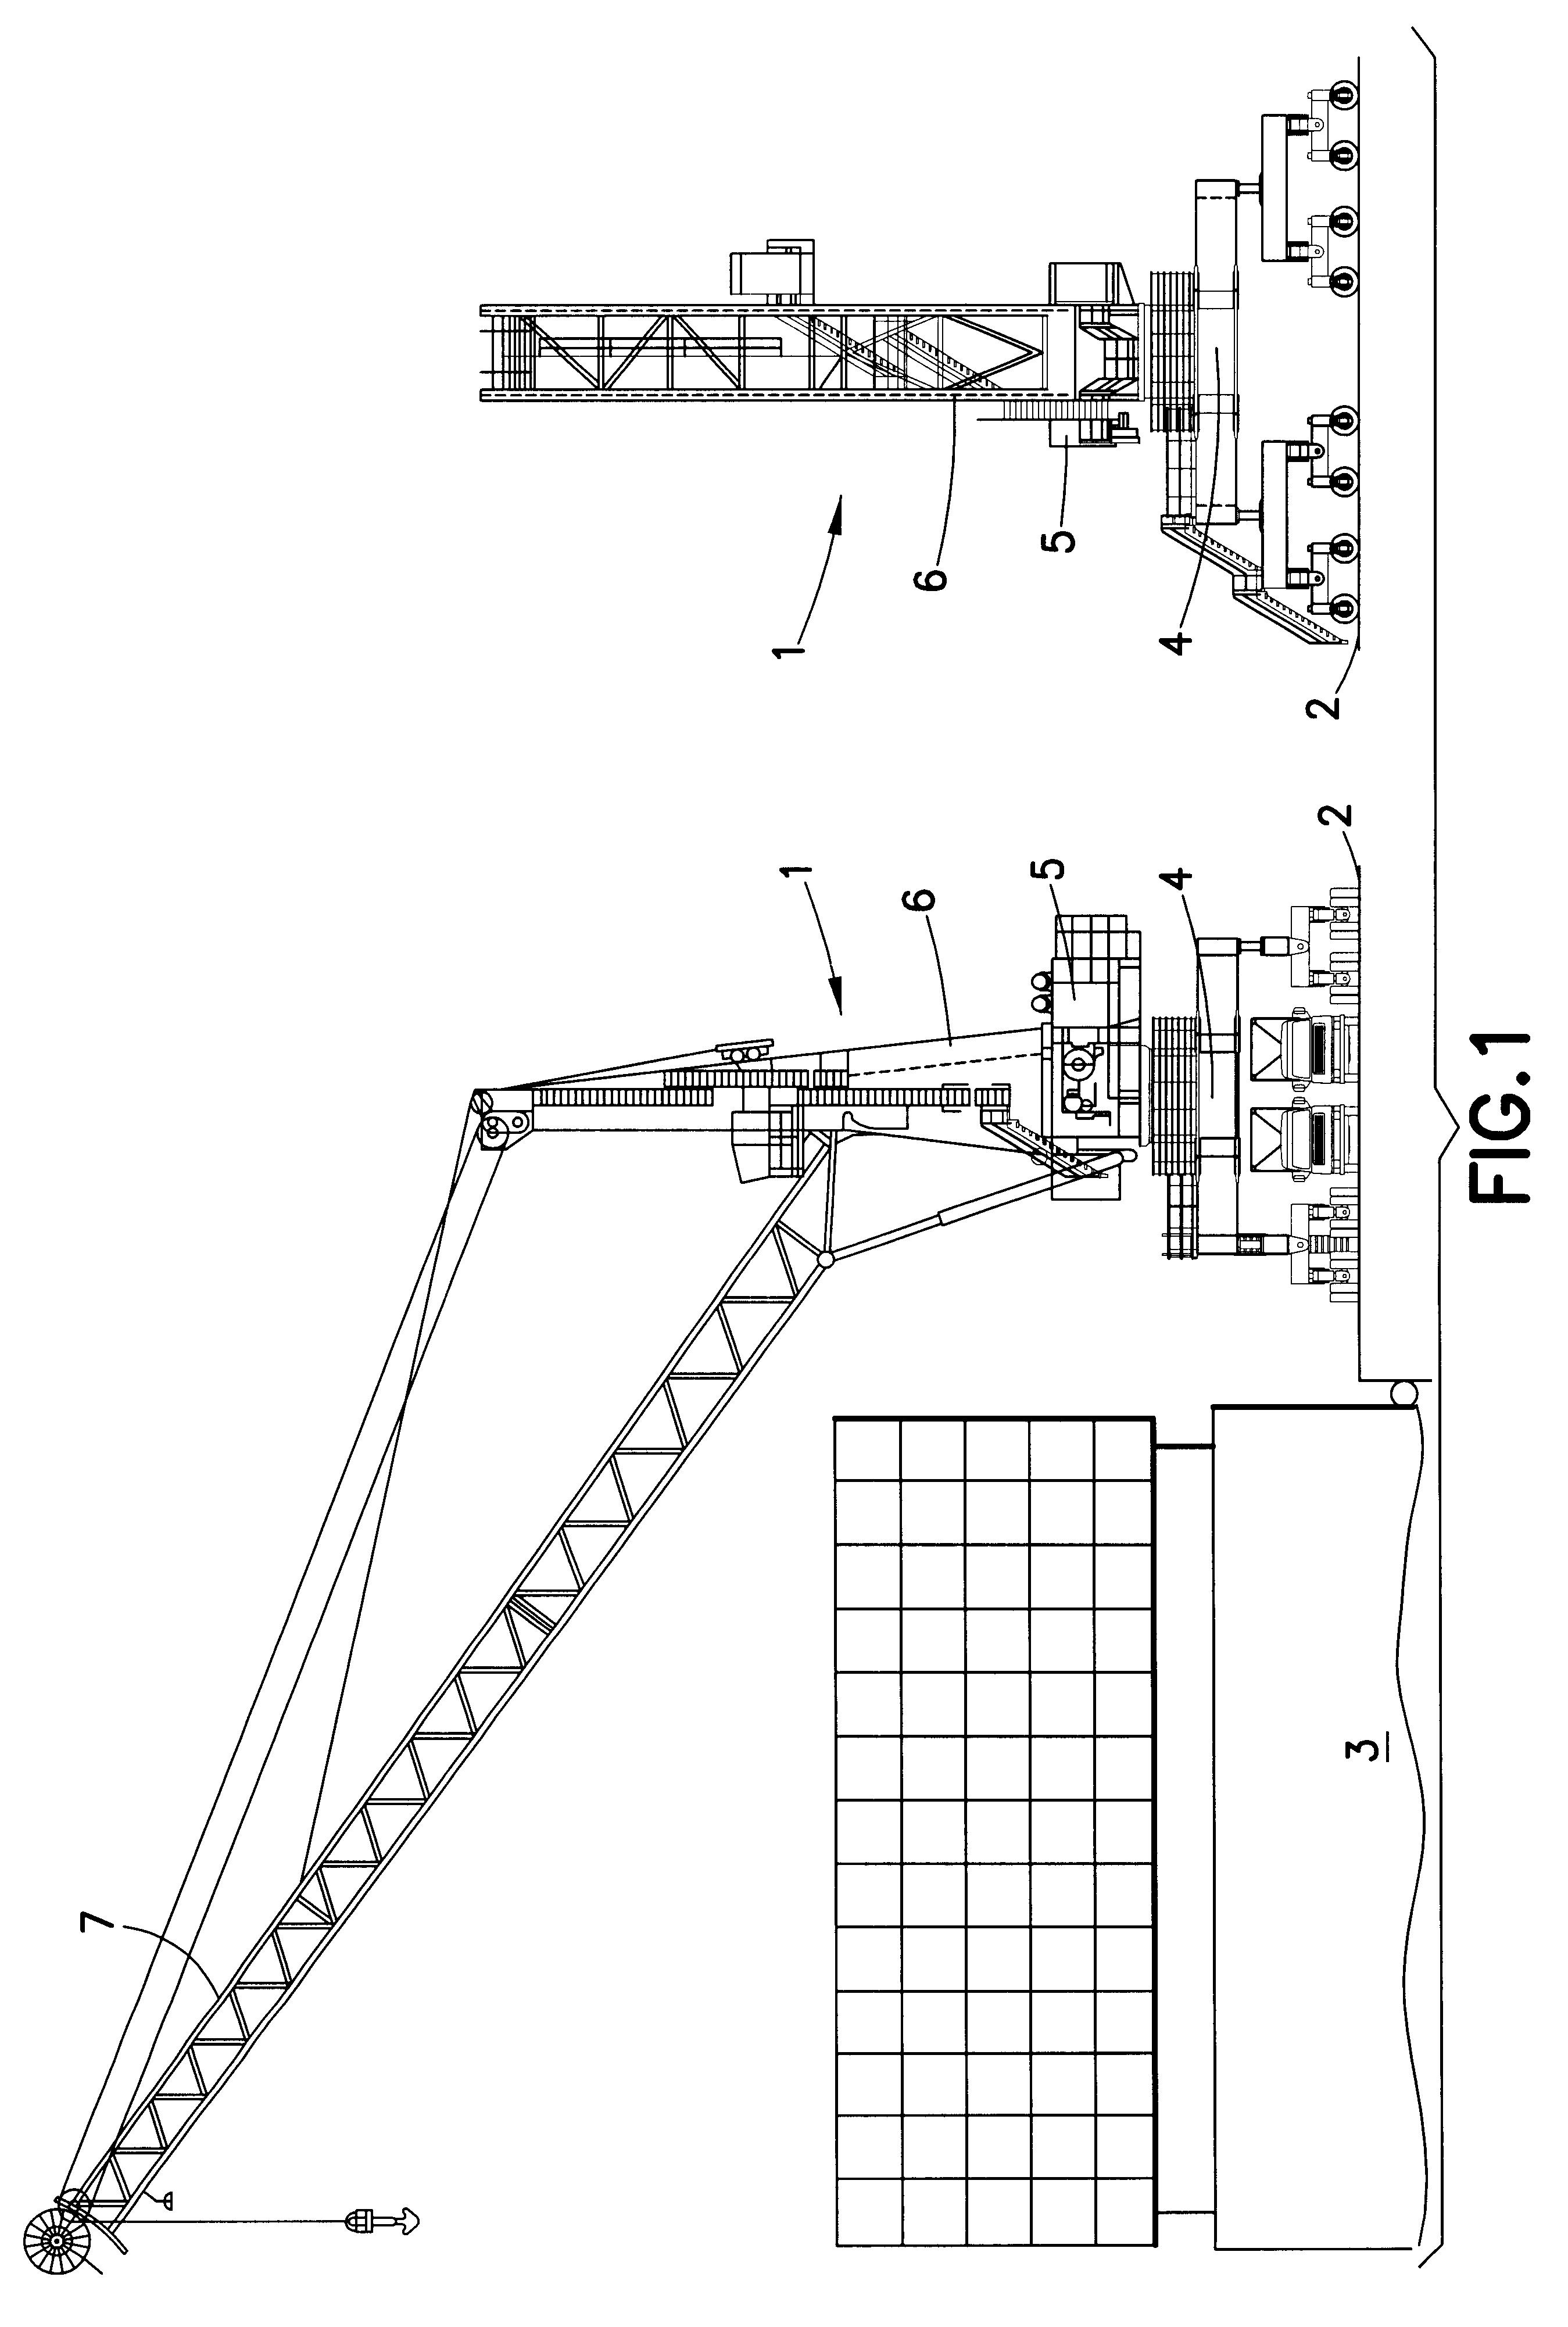 patent us6564955